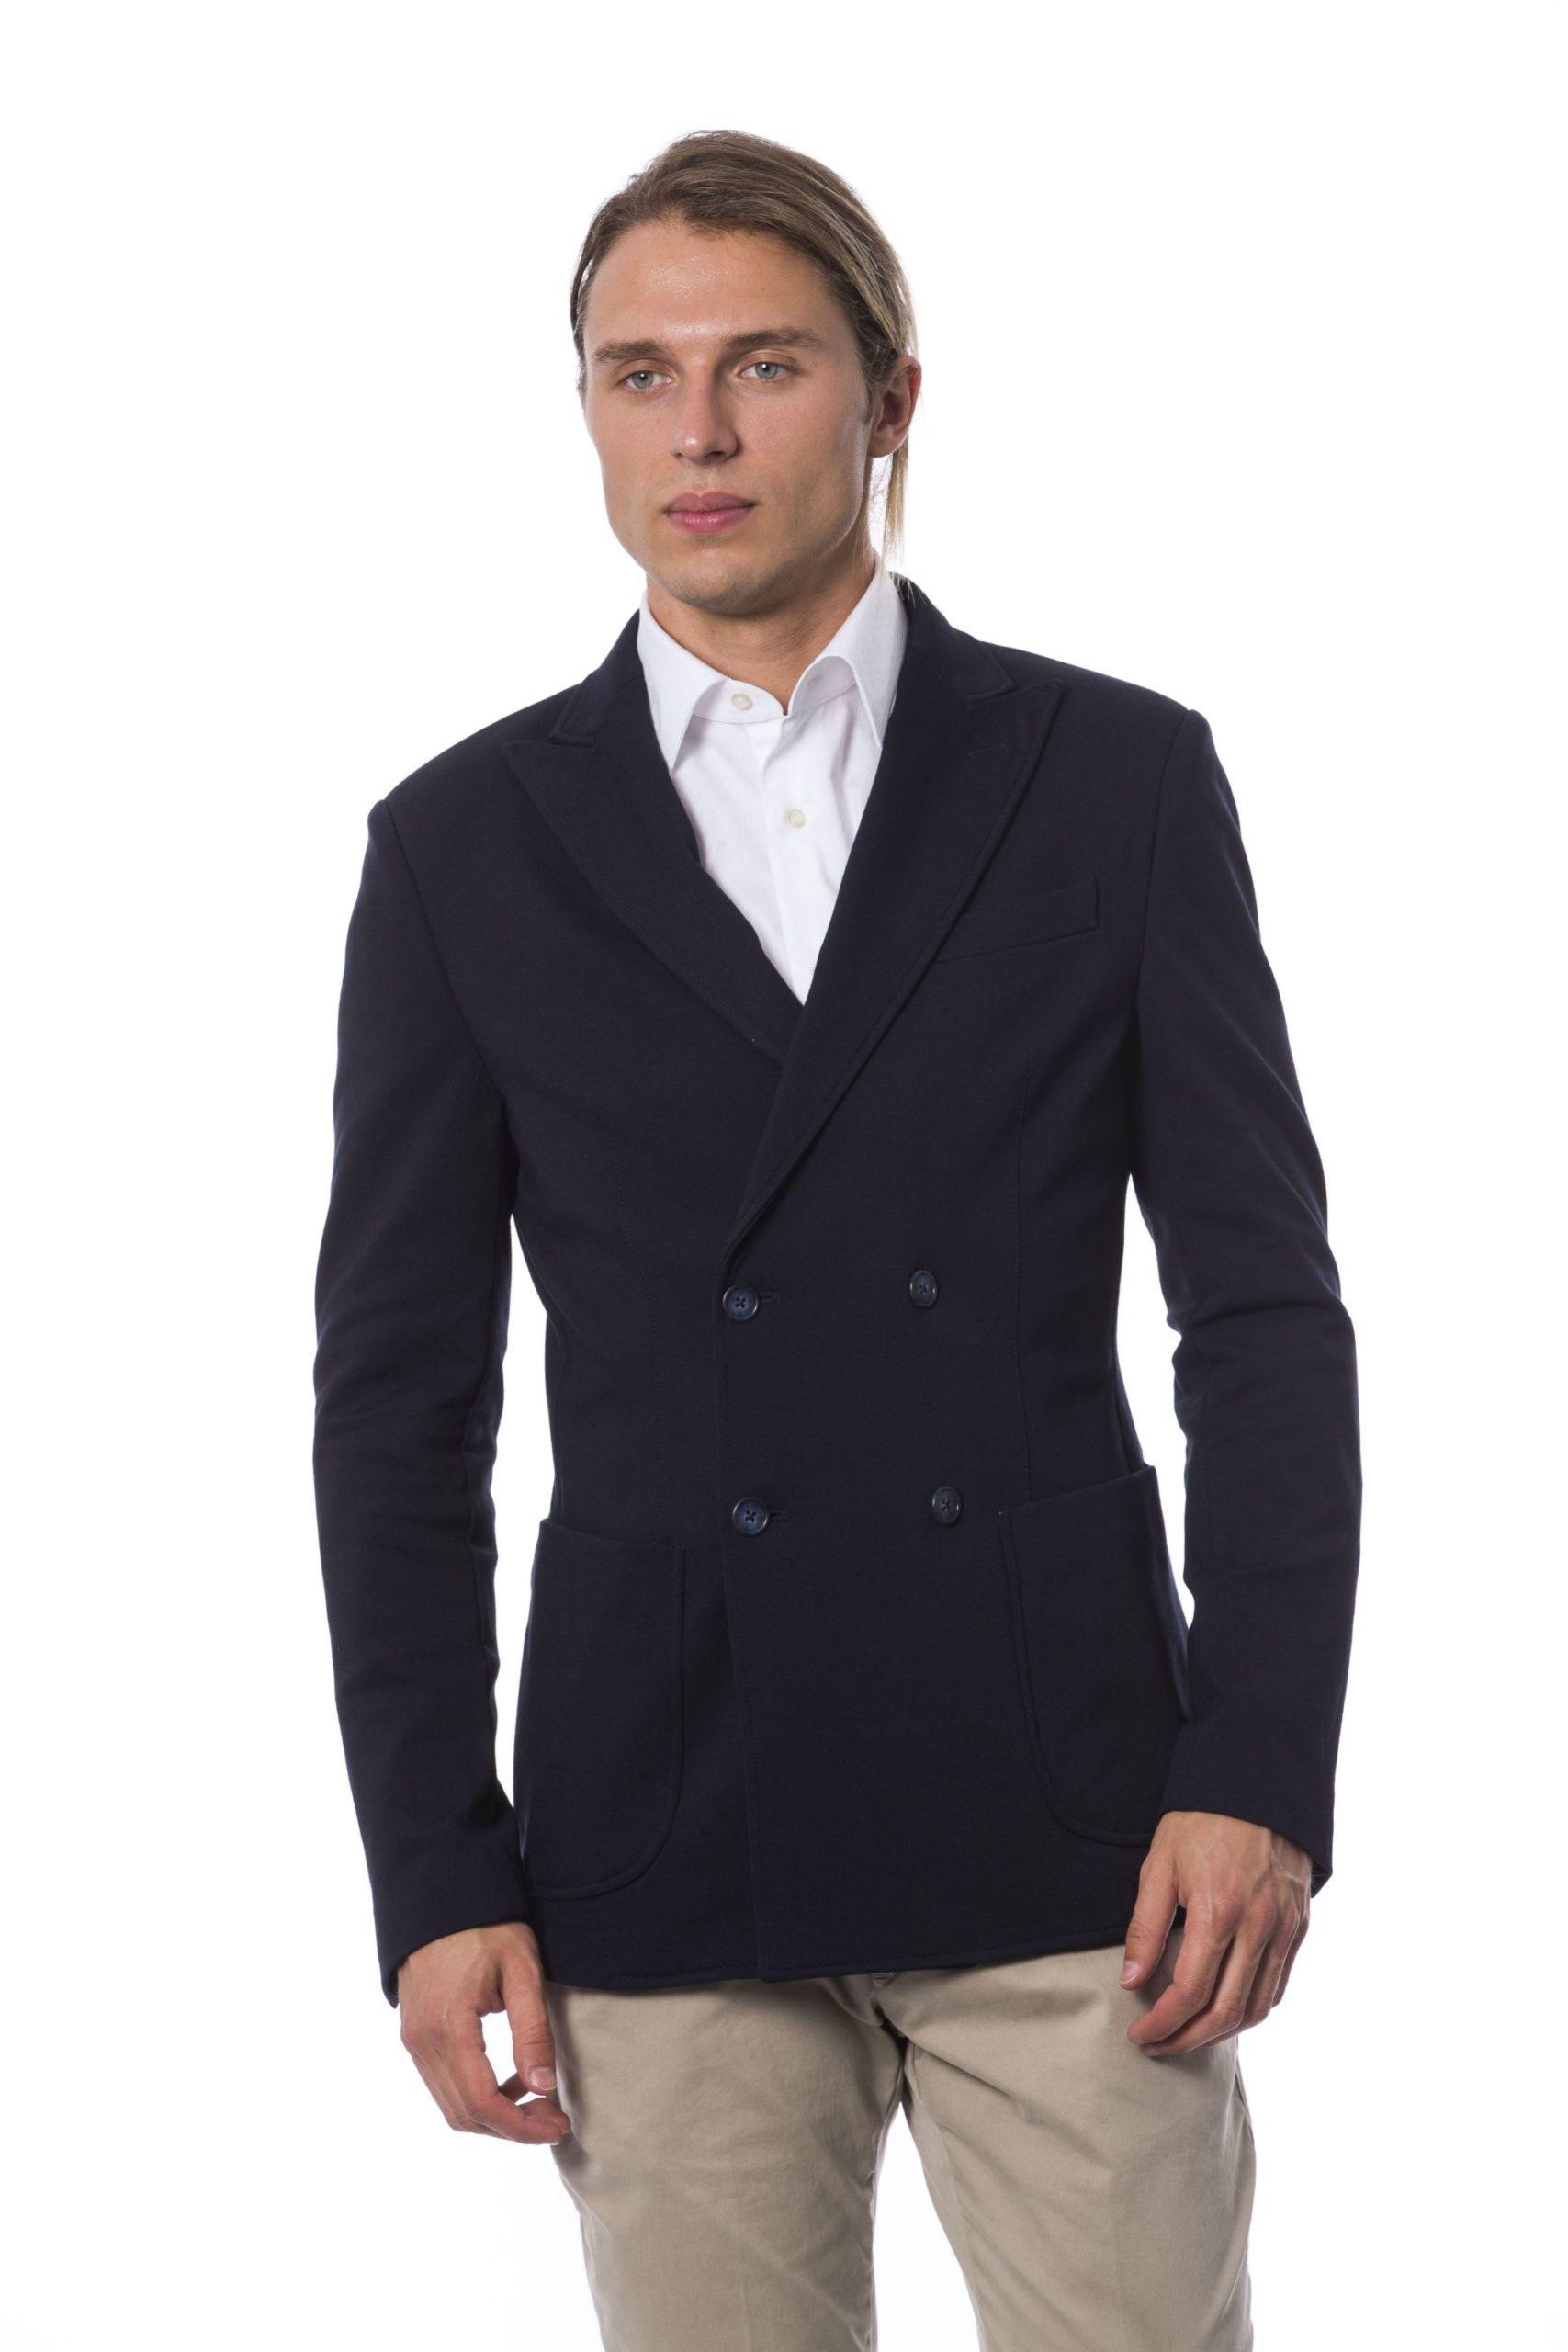 Verri Men's Vblu Blazer Blue VE995218 - IT48 | M